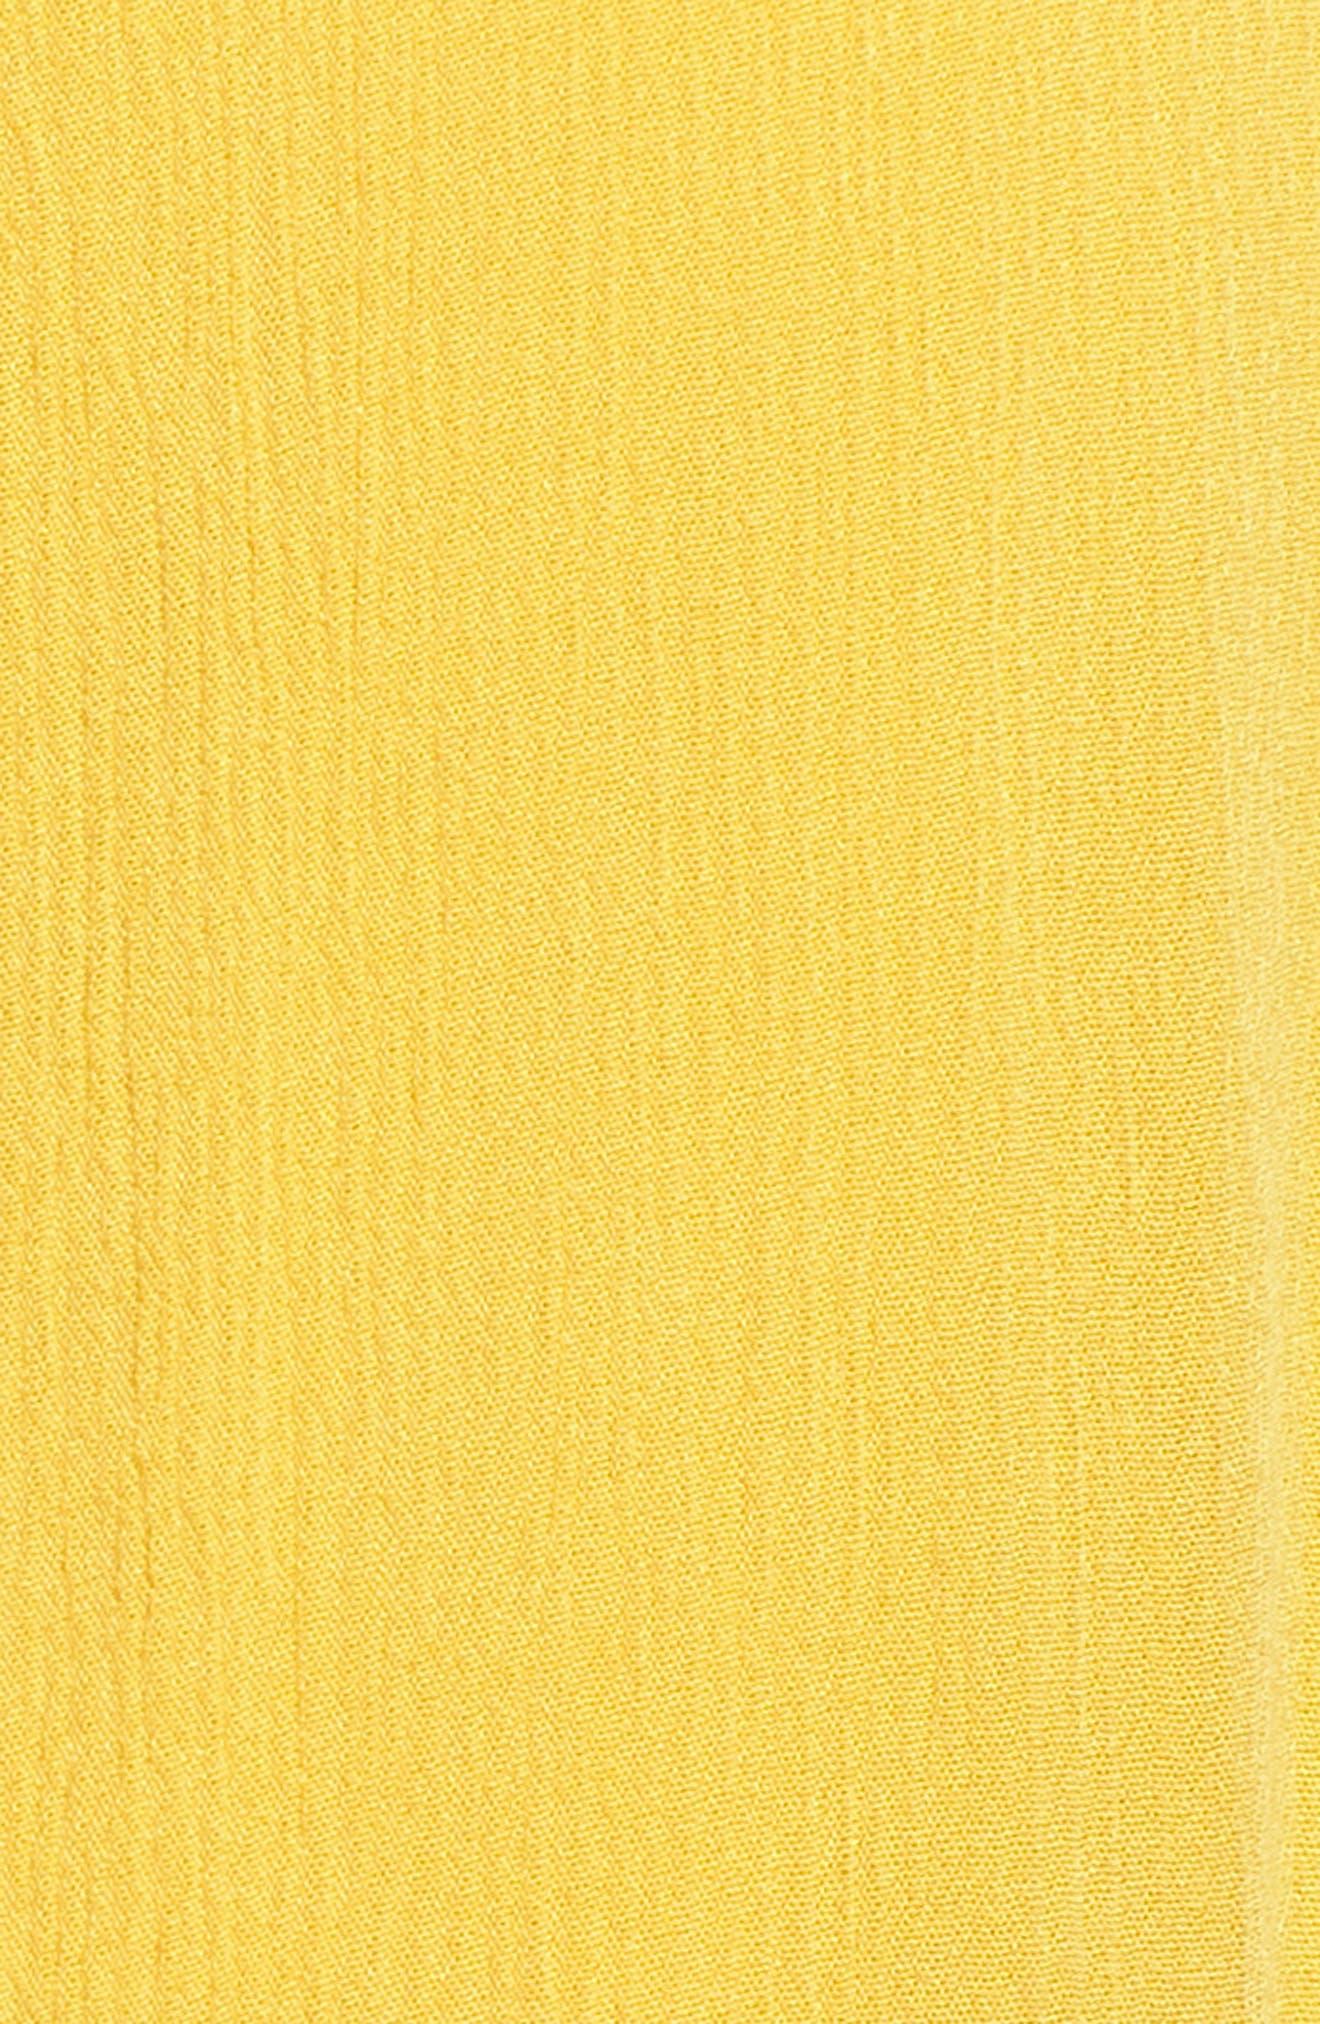 Slit Front Crochet Inset Maxi Skirt,                             Alternate thumbnail 6, color,                             Yellow Sulphur